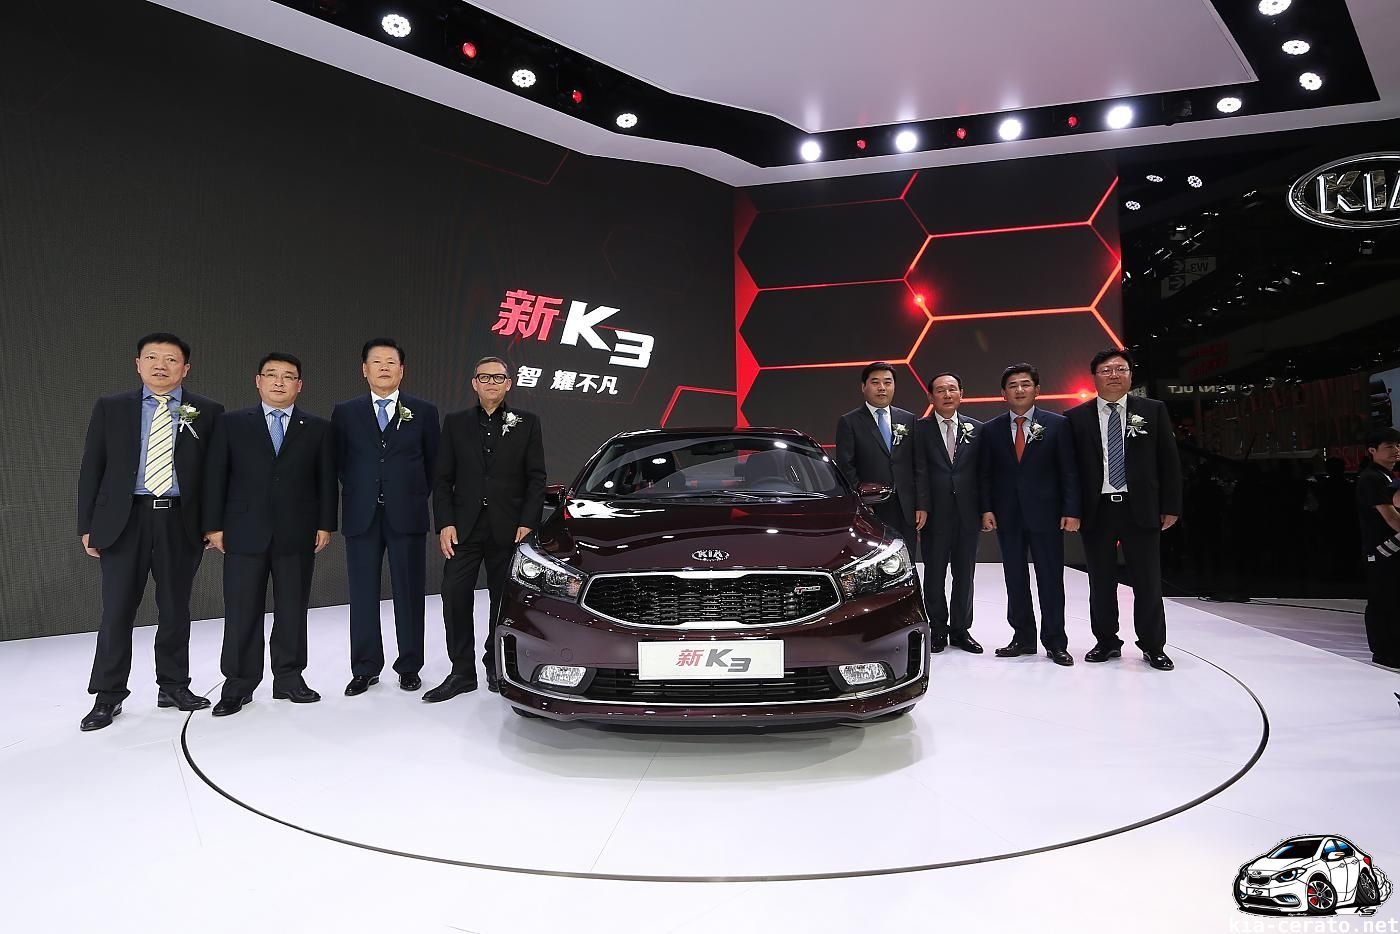 KIA Cerato (K3) 2017 facelift by Zeroing in KIA Cerato (k3) 2016 facelift